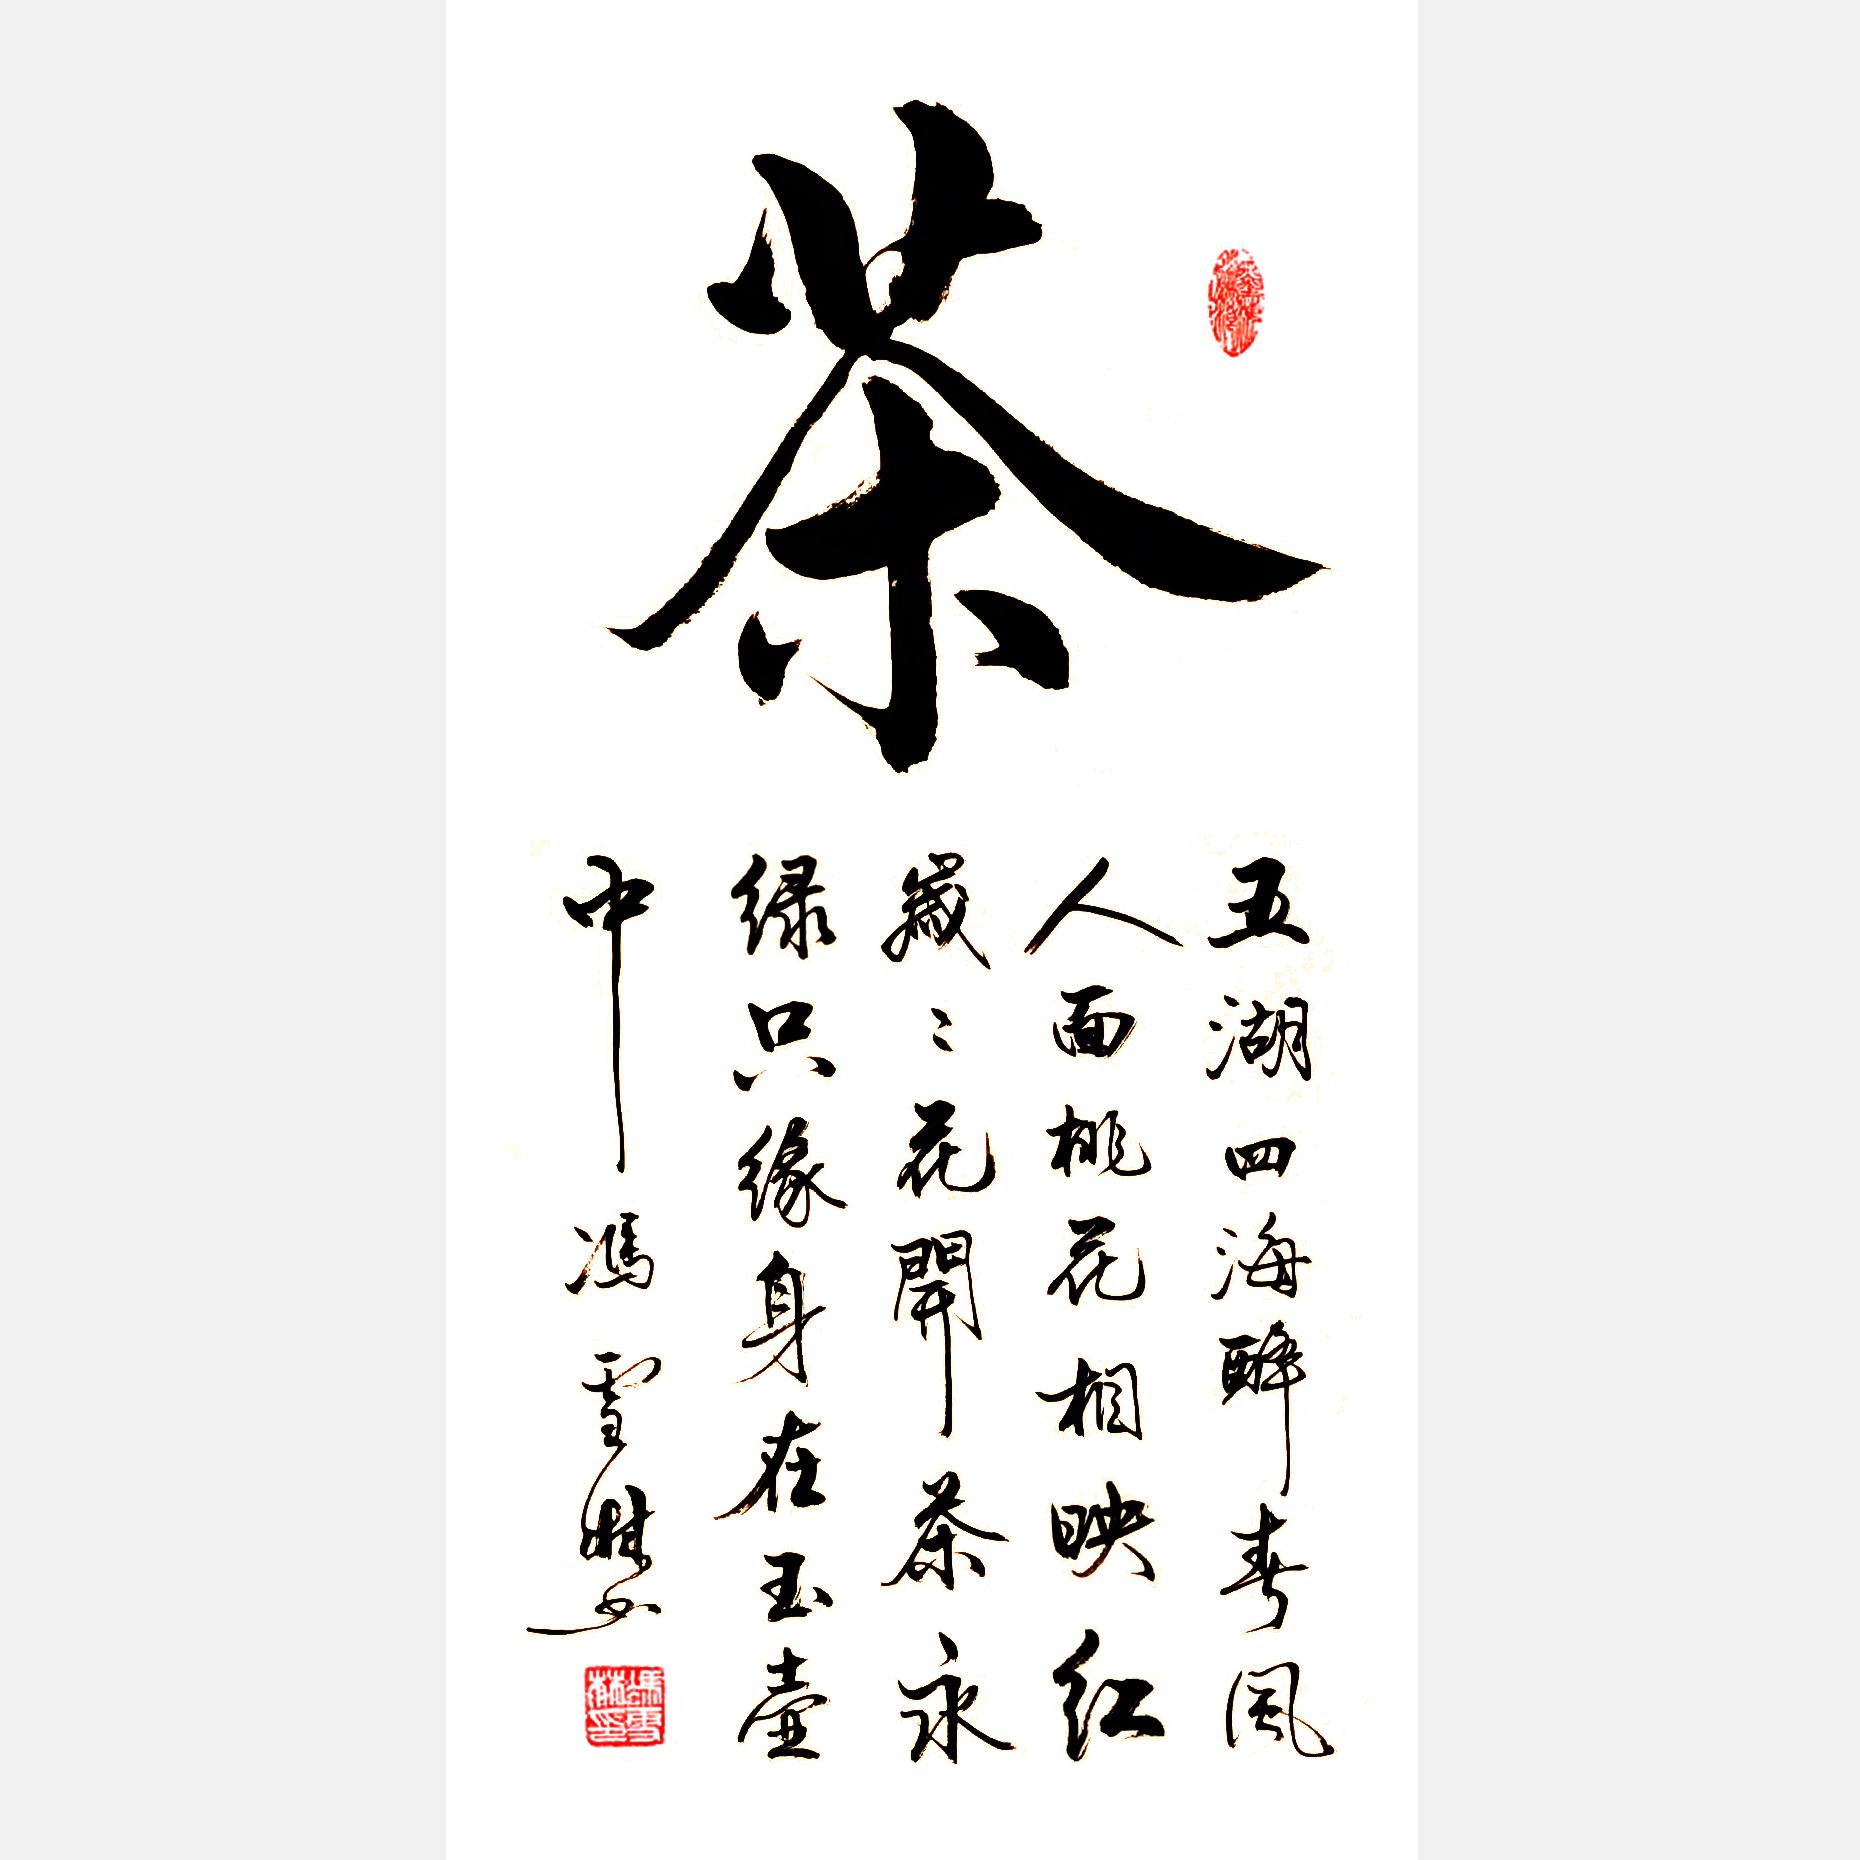 茶字书法作品欣赏 五湖四海醉春风,人面桃花相映红。岁岁花开茶永绿,只缘身在玉壶中。